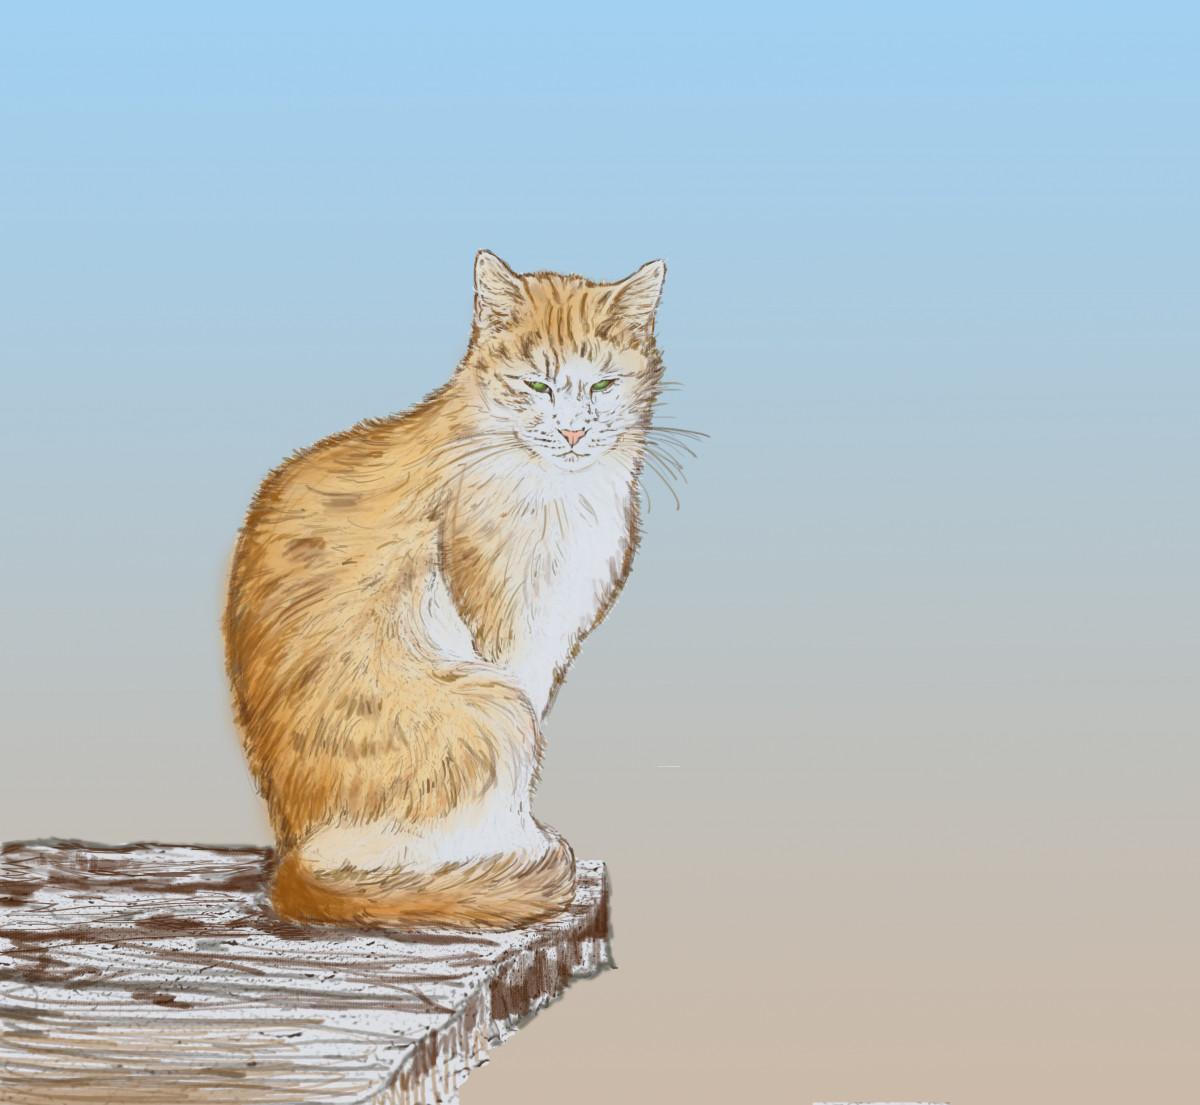 Gambar Kucing Sketsa Ilustrasi Obrolan Katze Skizze